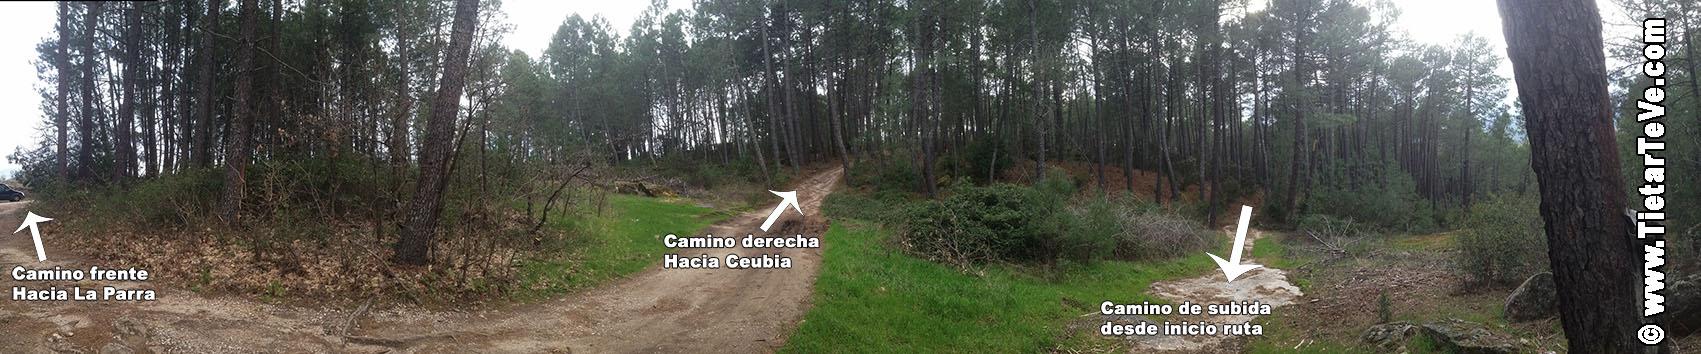 Cruce de Caminos en Ruta San Pedro - Ceubia - La Parra - Arenas de San Pedro - TiétarTeVe